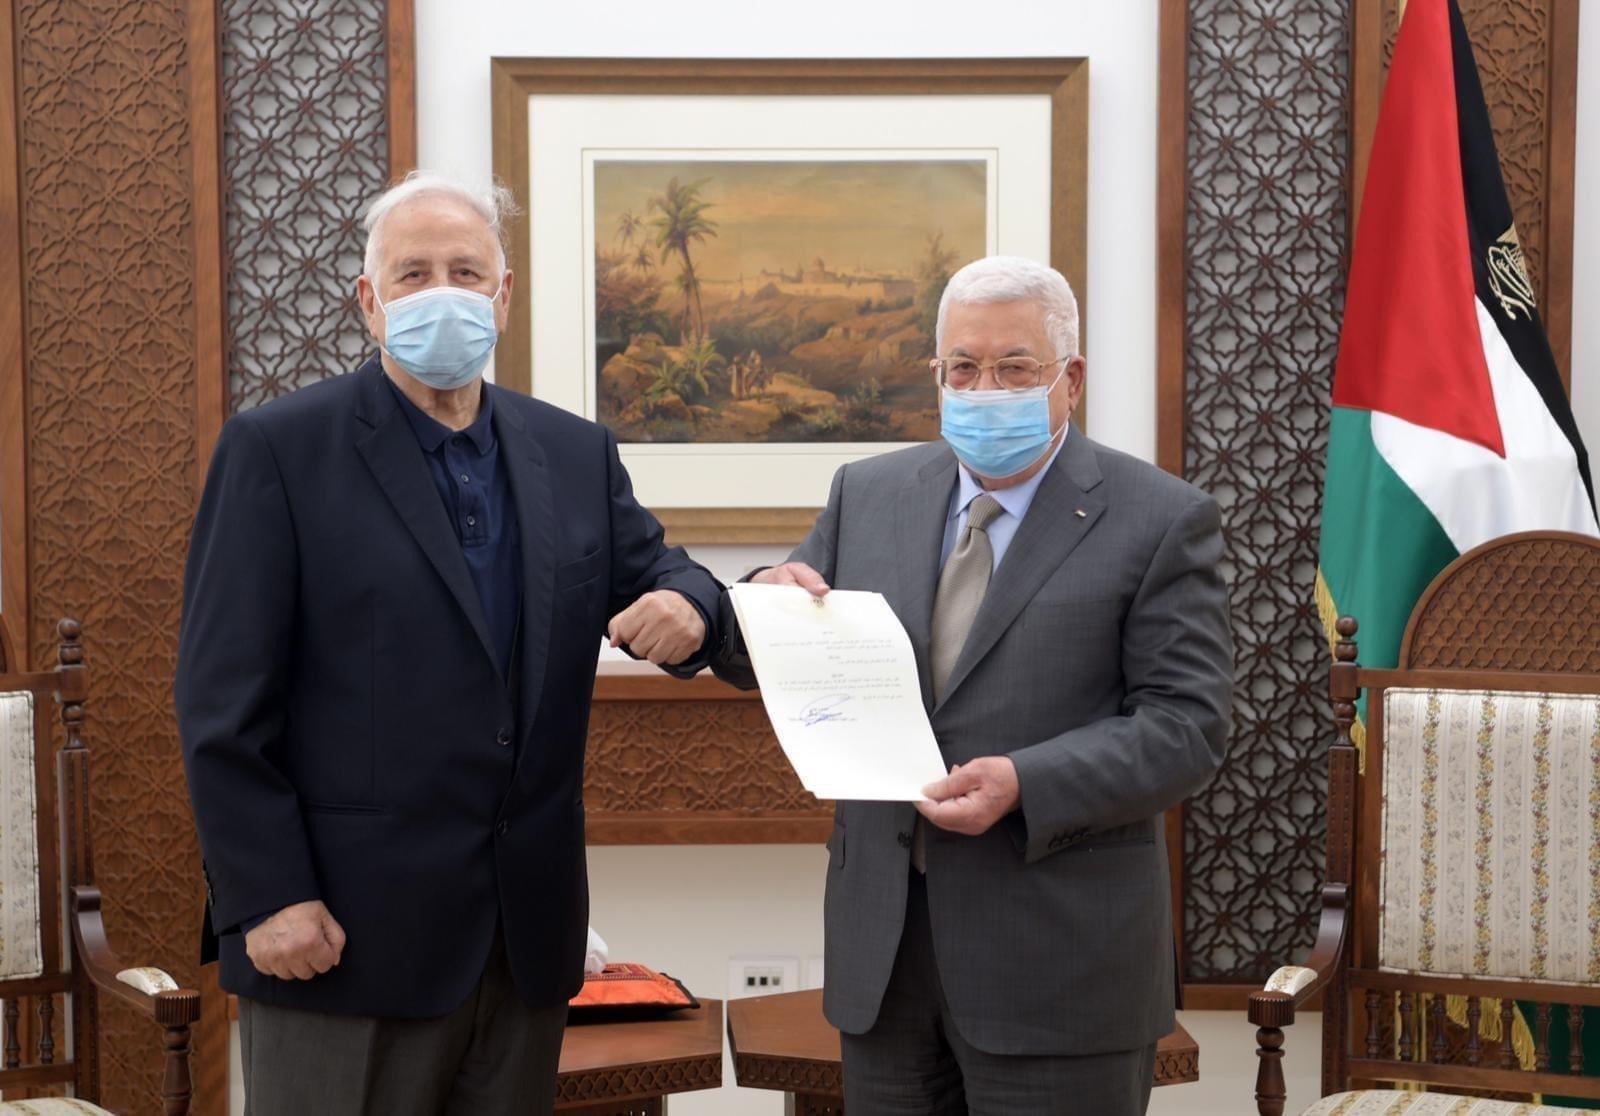 الرئيس الفلسطيني محمود عباس خلال استقباله رئيس لجنة الانتخابات المركزية حنا ناصر.